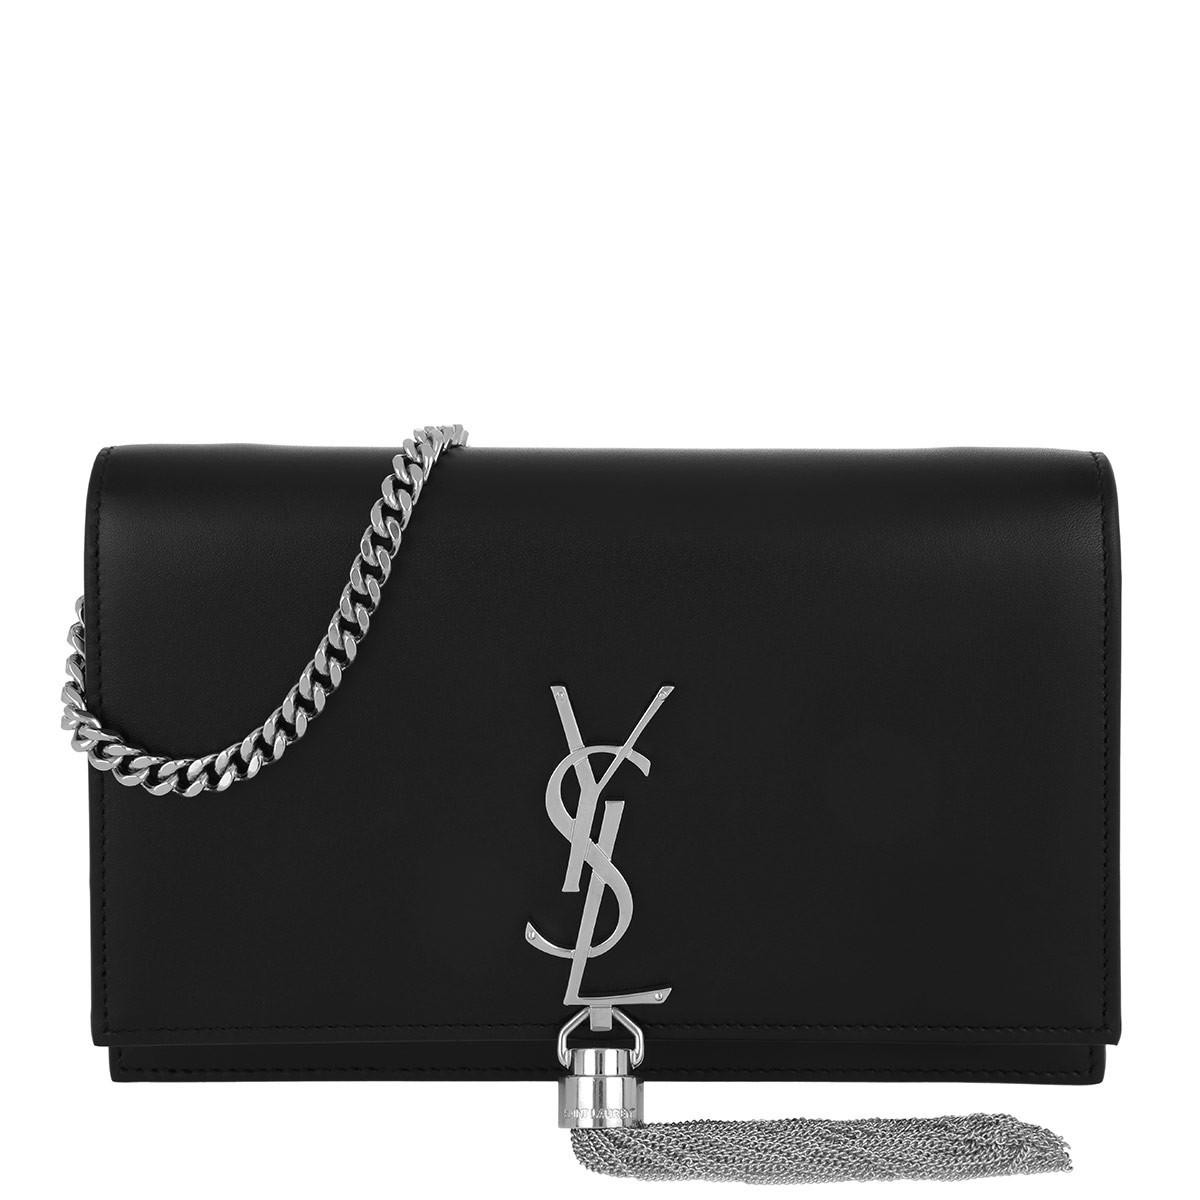 Saint Laurent Umhängetasche - Kate Chain Tassel Wallet Leather Black/Silver - in schwarz - für Damen